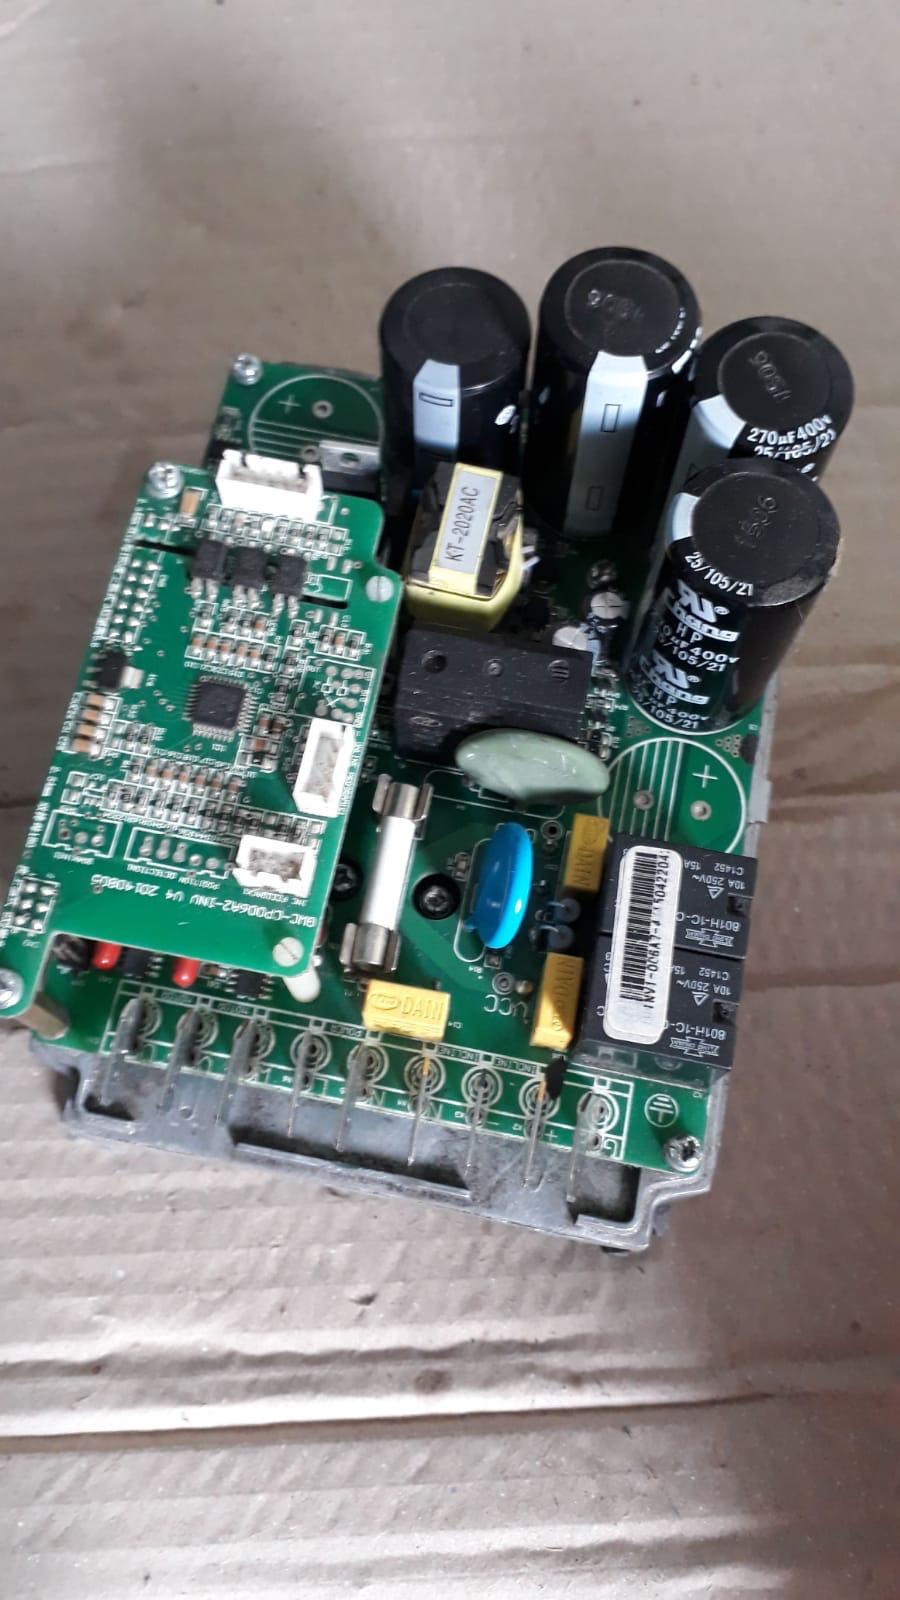 koşu bandı elektronik kart devre yedek parça